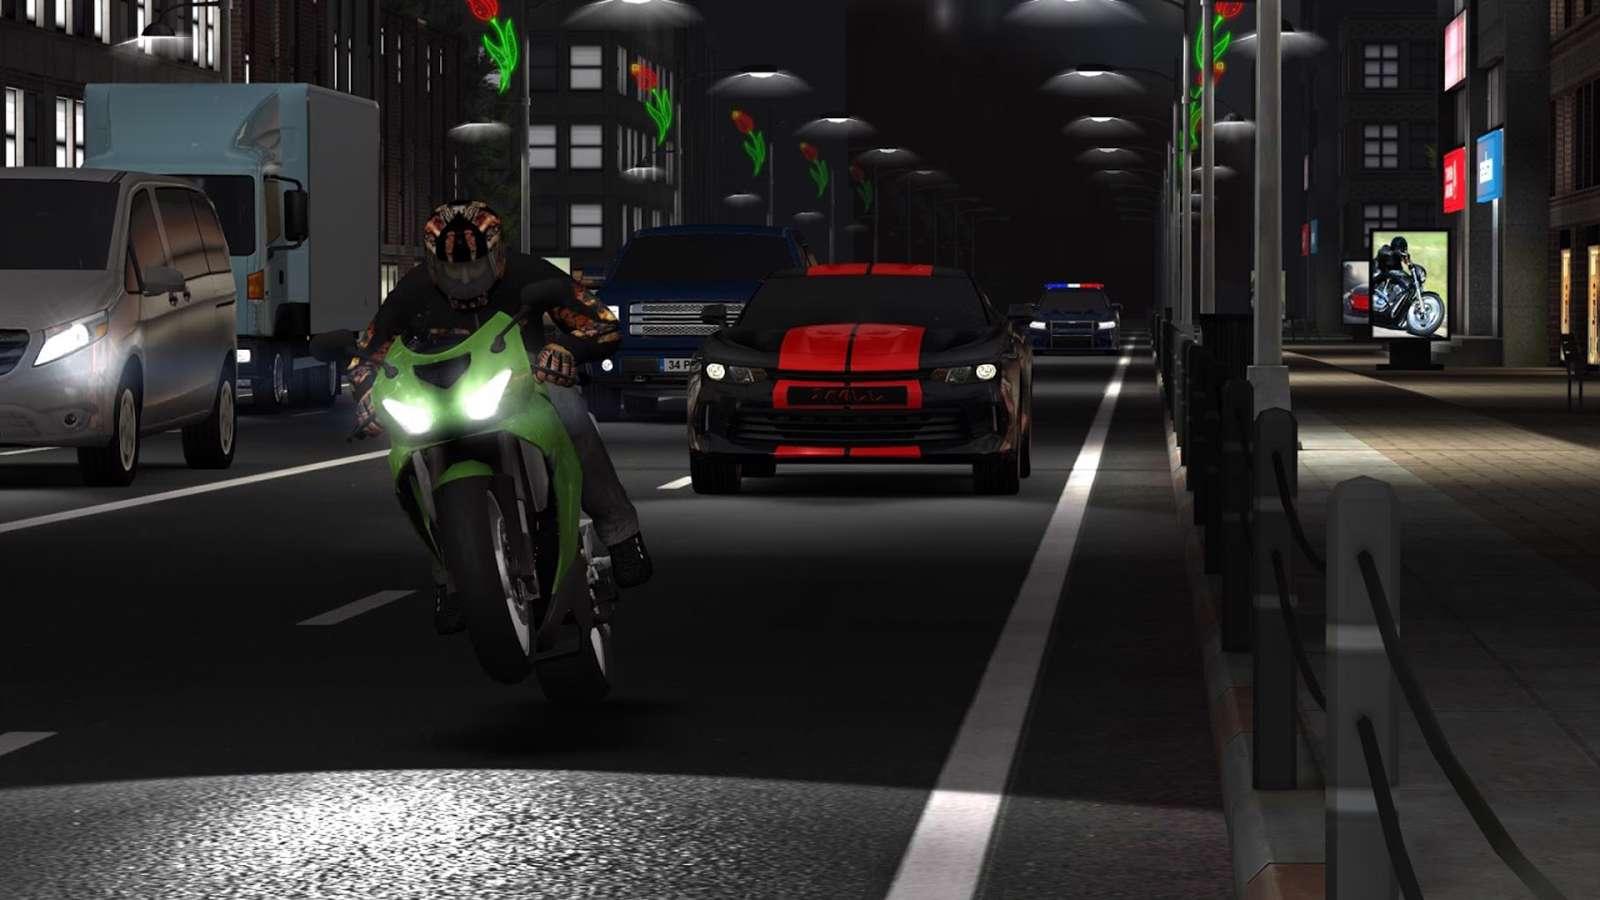 دانلود بازی موتورسواری Racing Fever Moto 1.2.9 برای اندروید